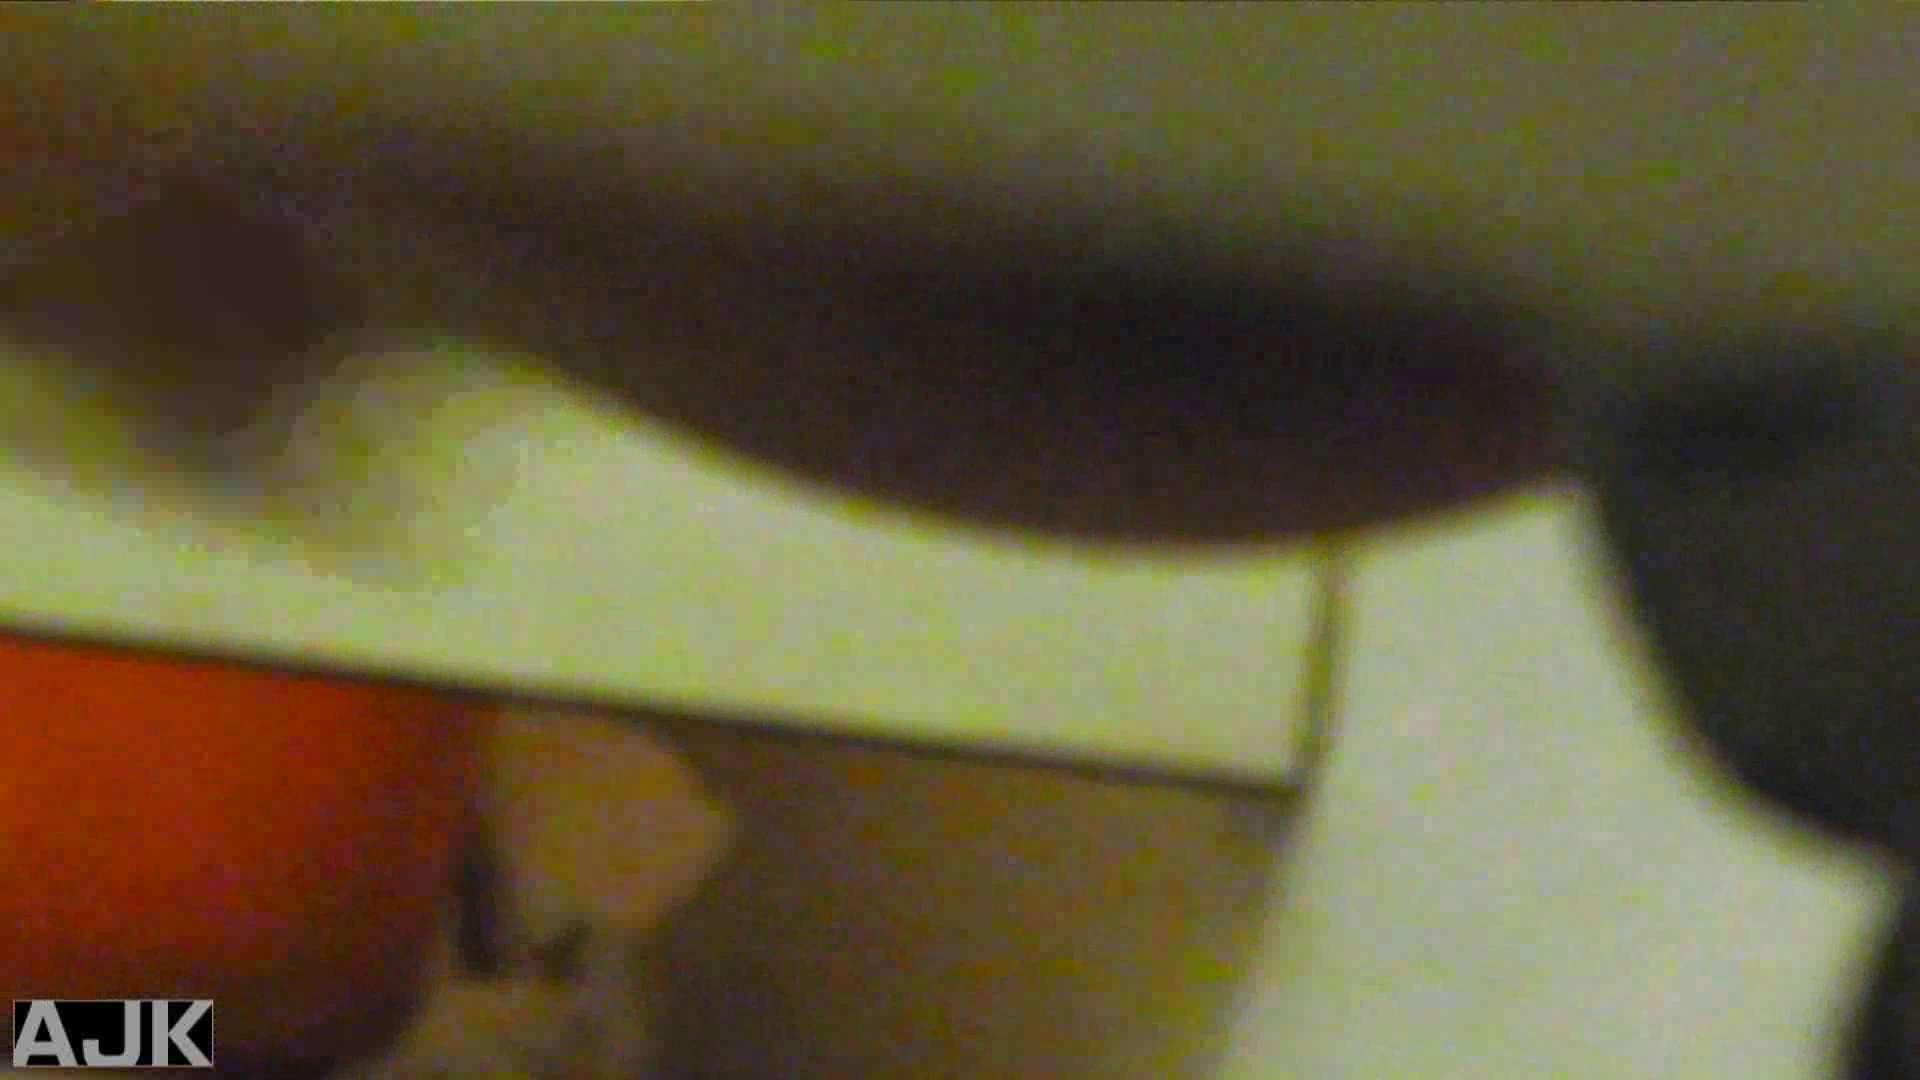 神降臨!史上最強の潜入かわや! vol.04 肛門丸見え   マンコ・ムレムレ  104pic 81